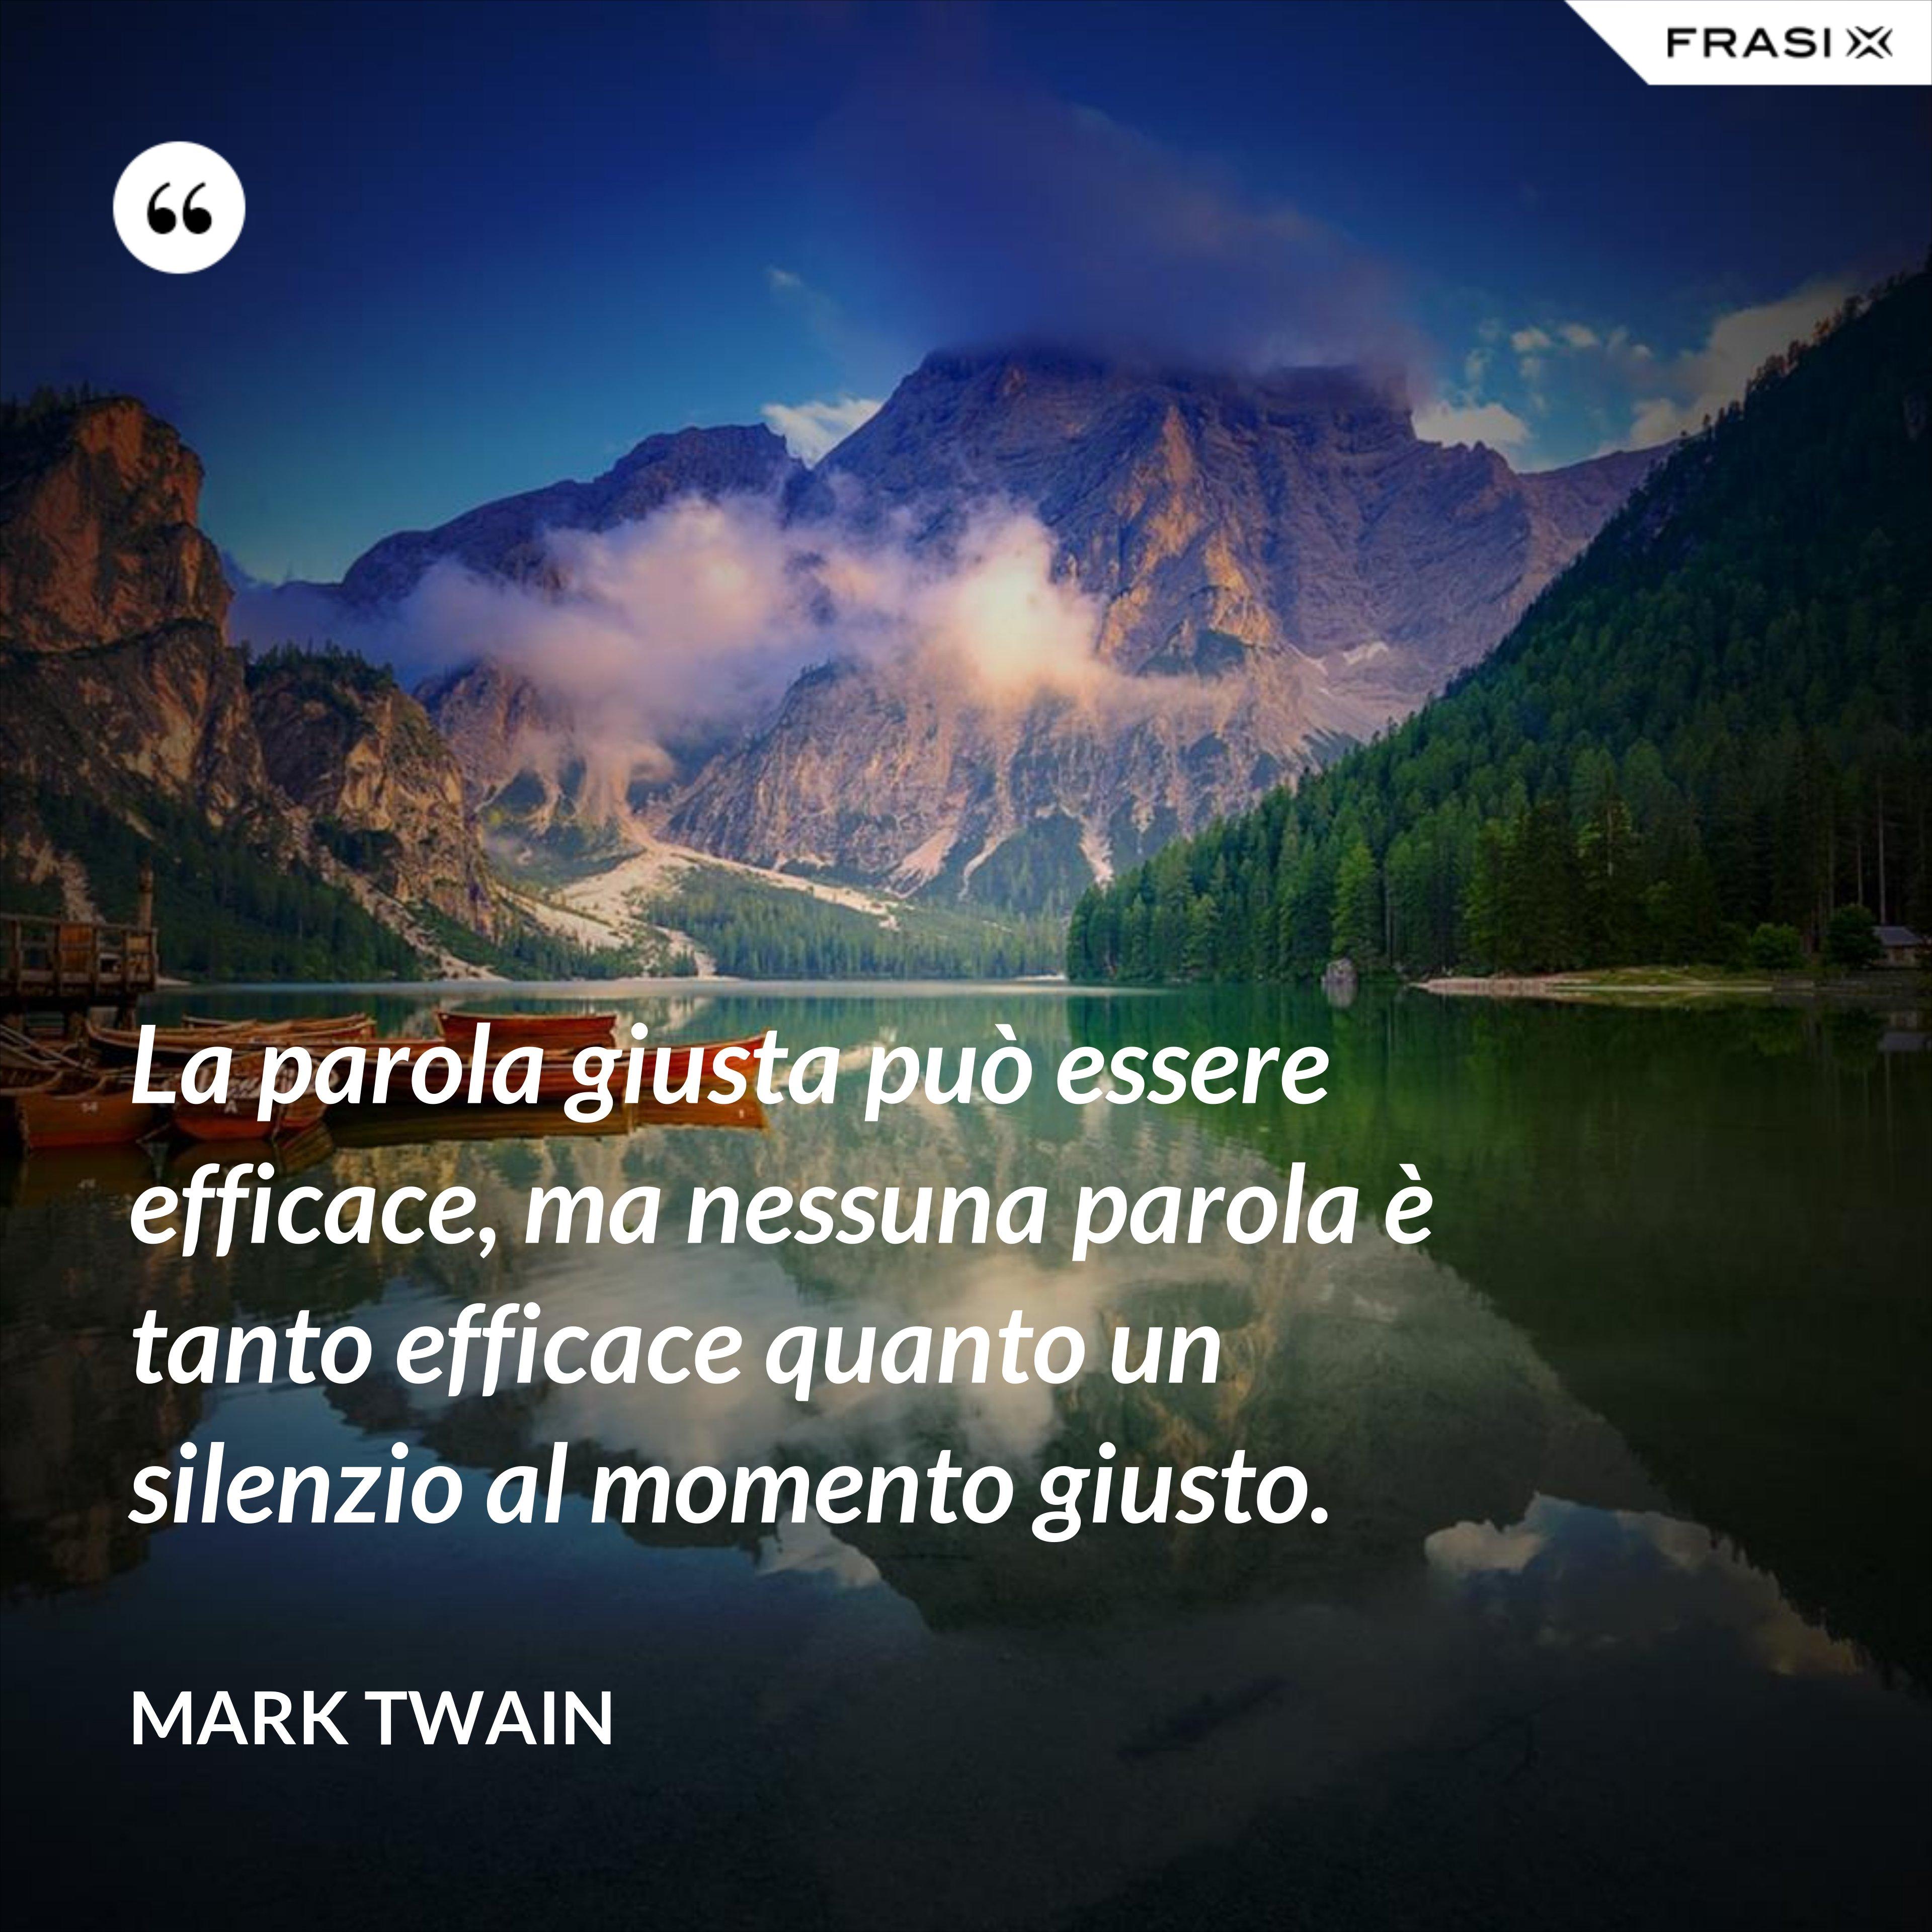 La parola giusta può essere efficace, ma nessuna parola è tanto efficace quanto un silenzio al momento giusto. - Mark Twain